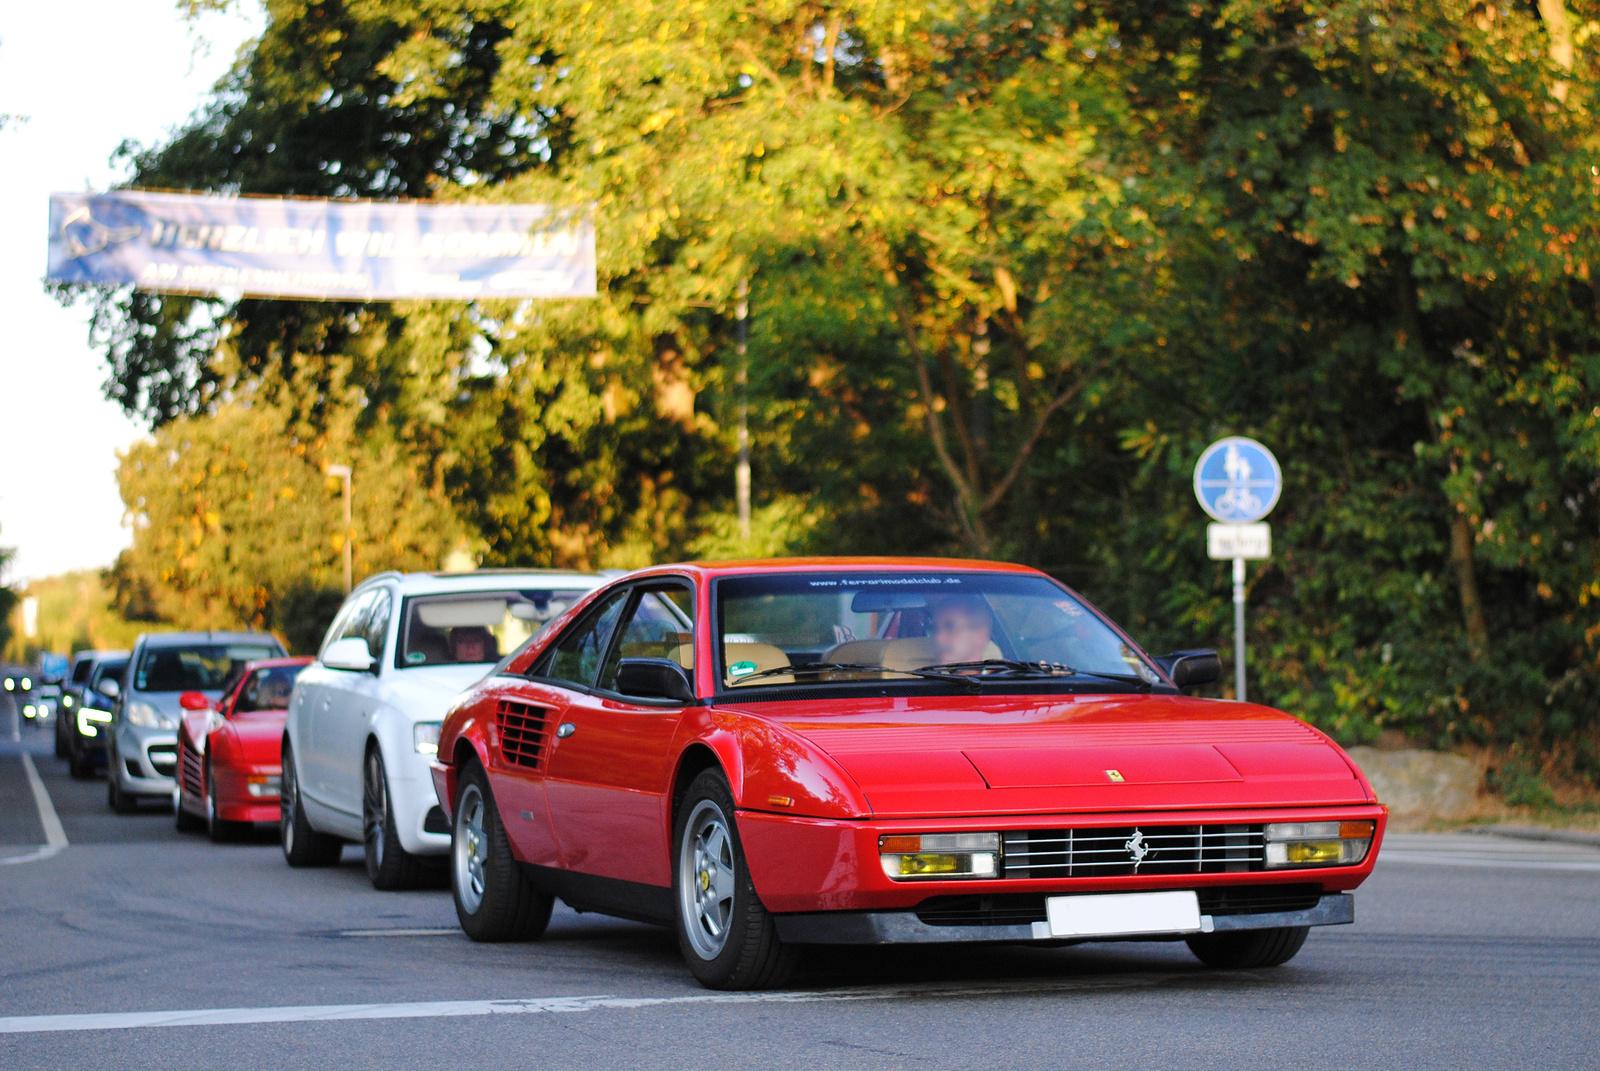 Ferrari Testarossa - Ferrari 3.2 Mondial